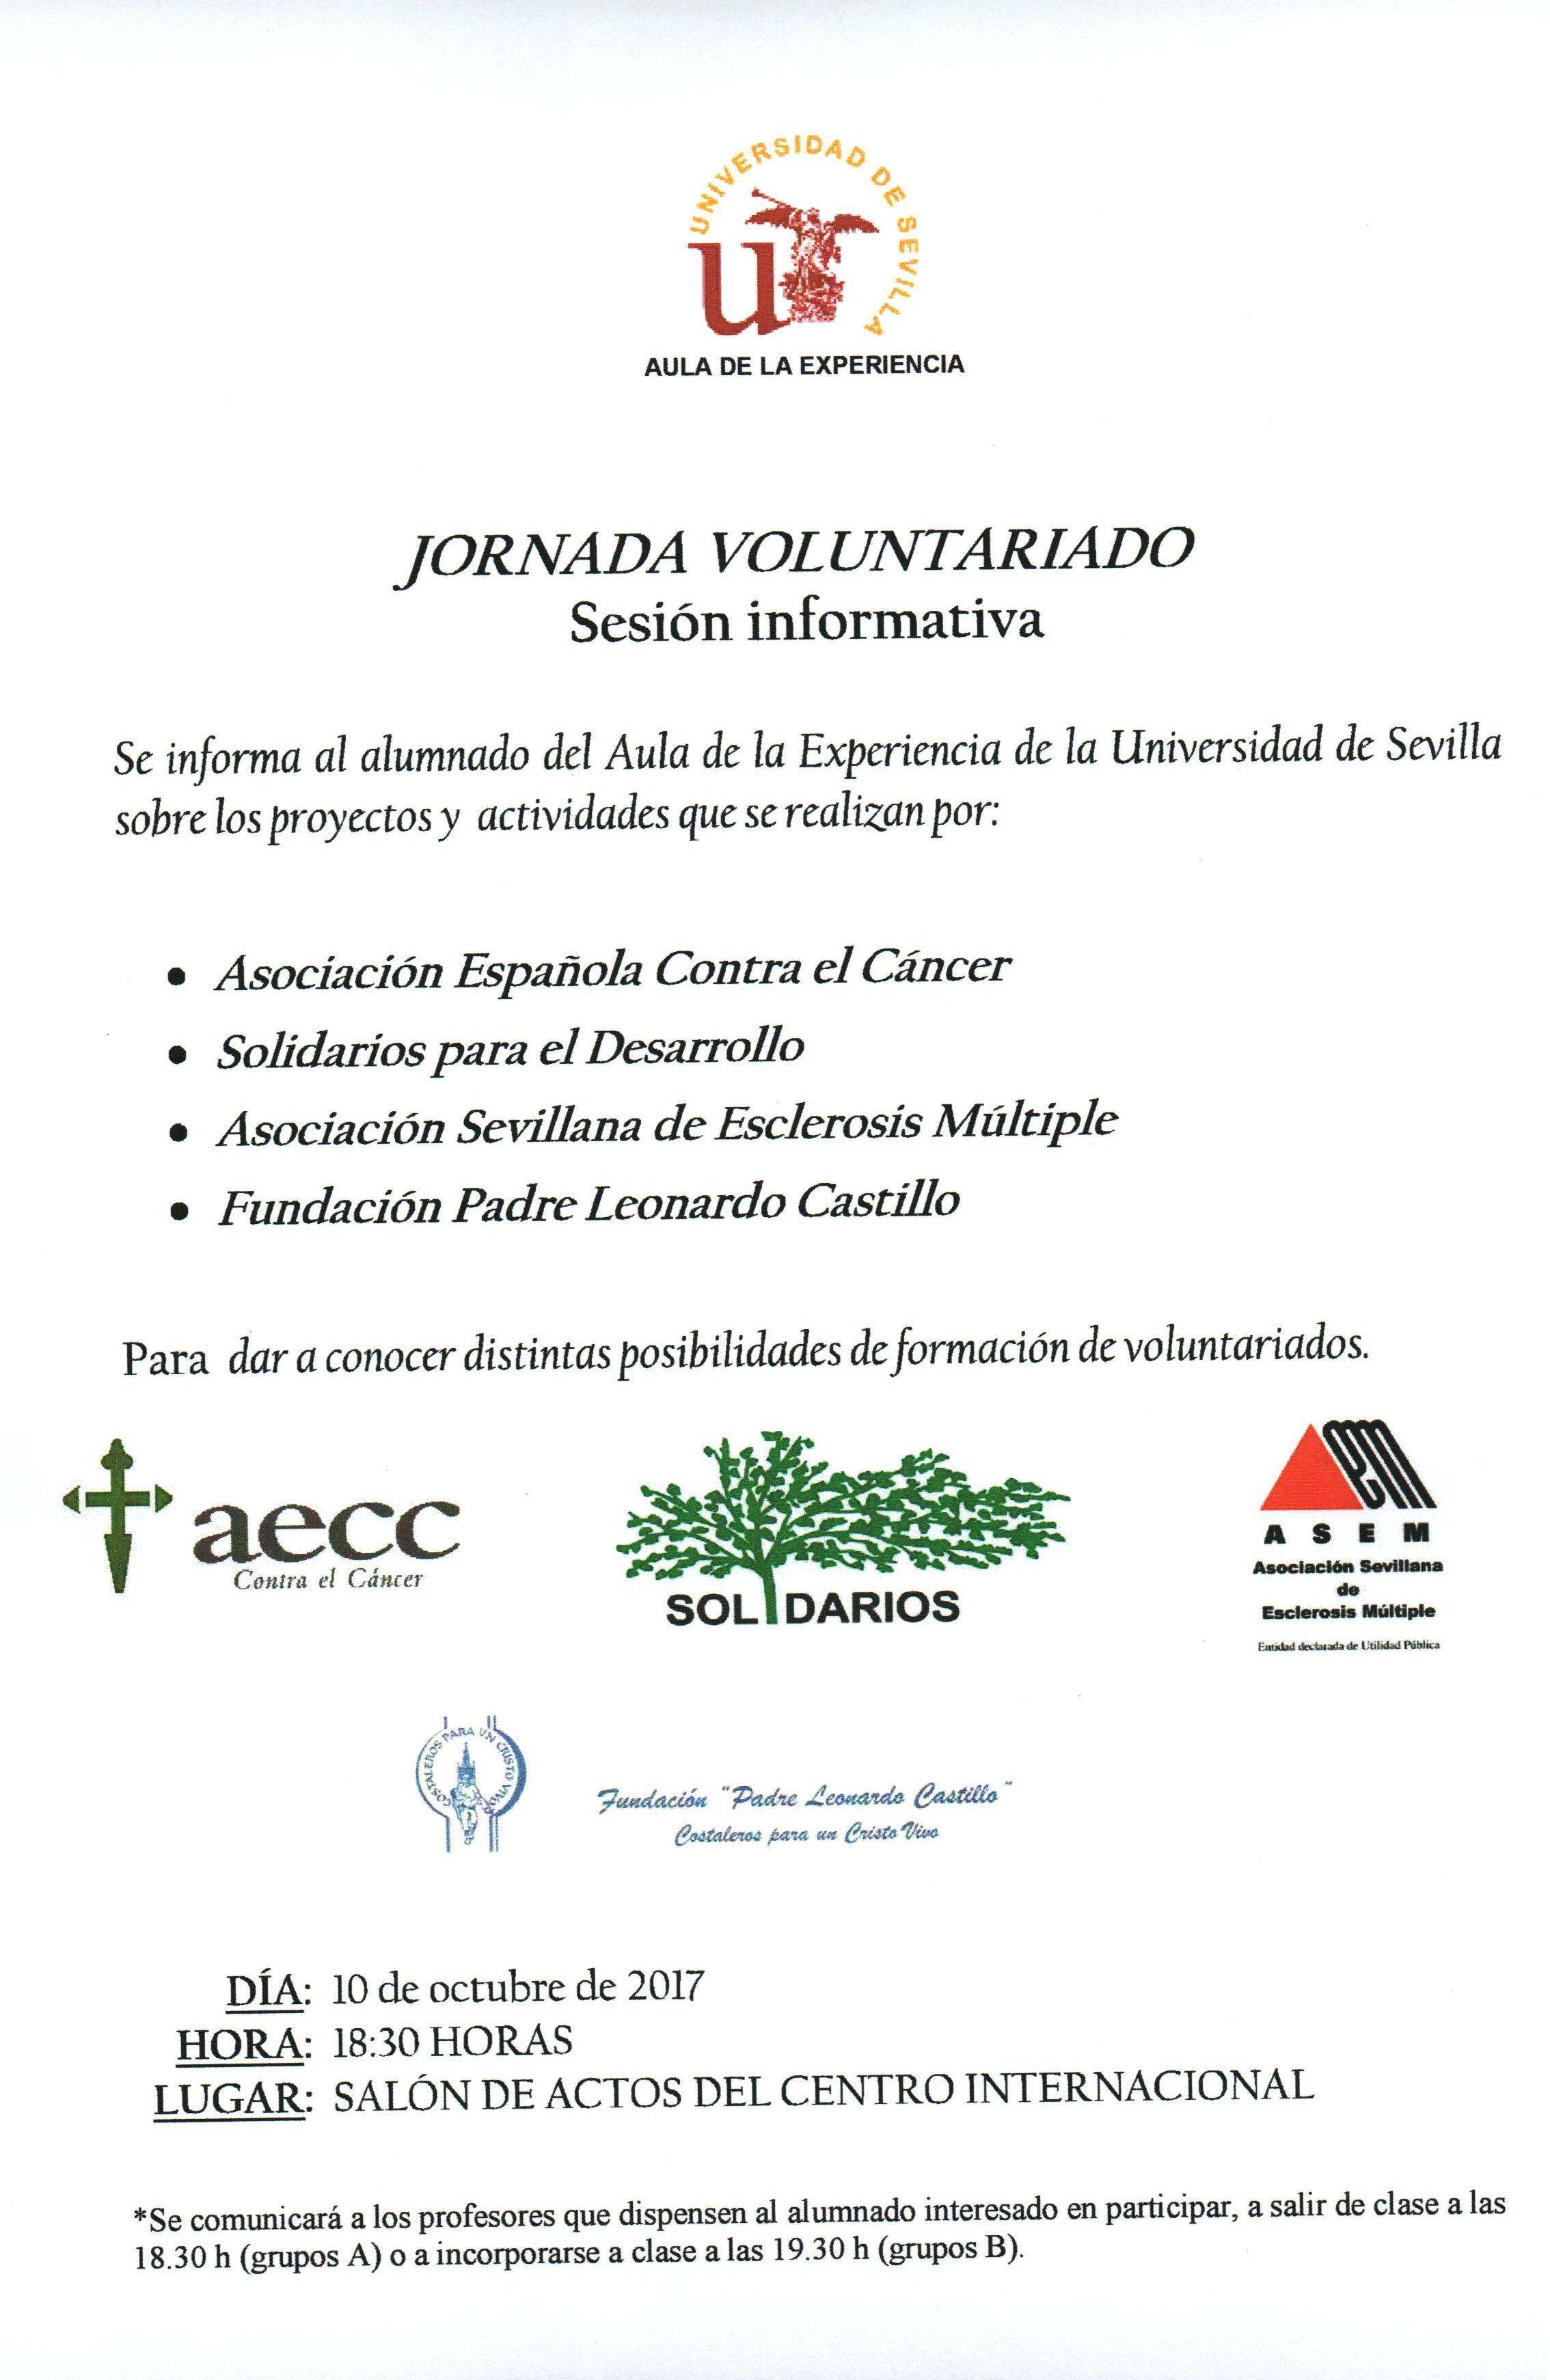 Fundacion Padre Leonardo Castillo